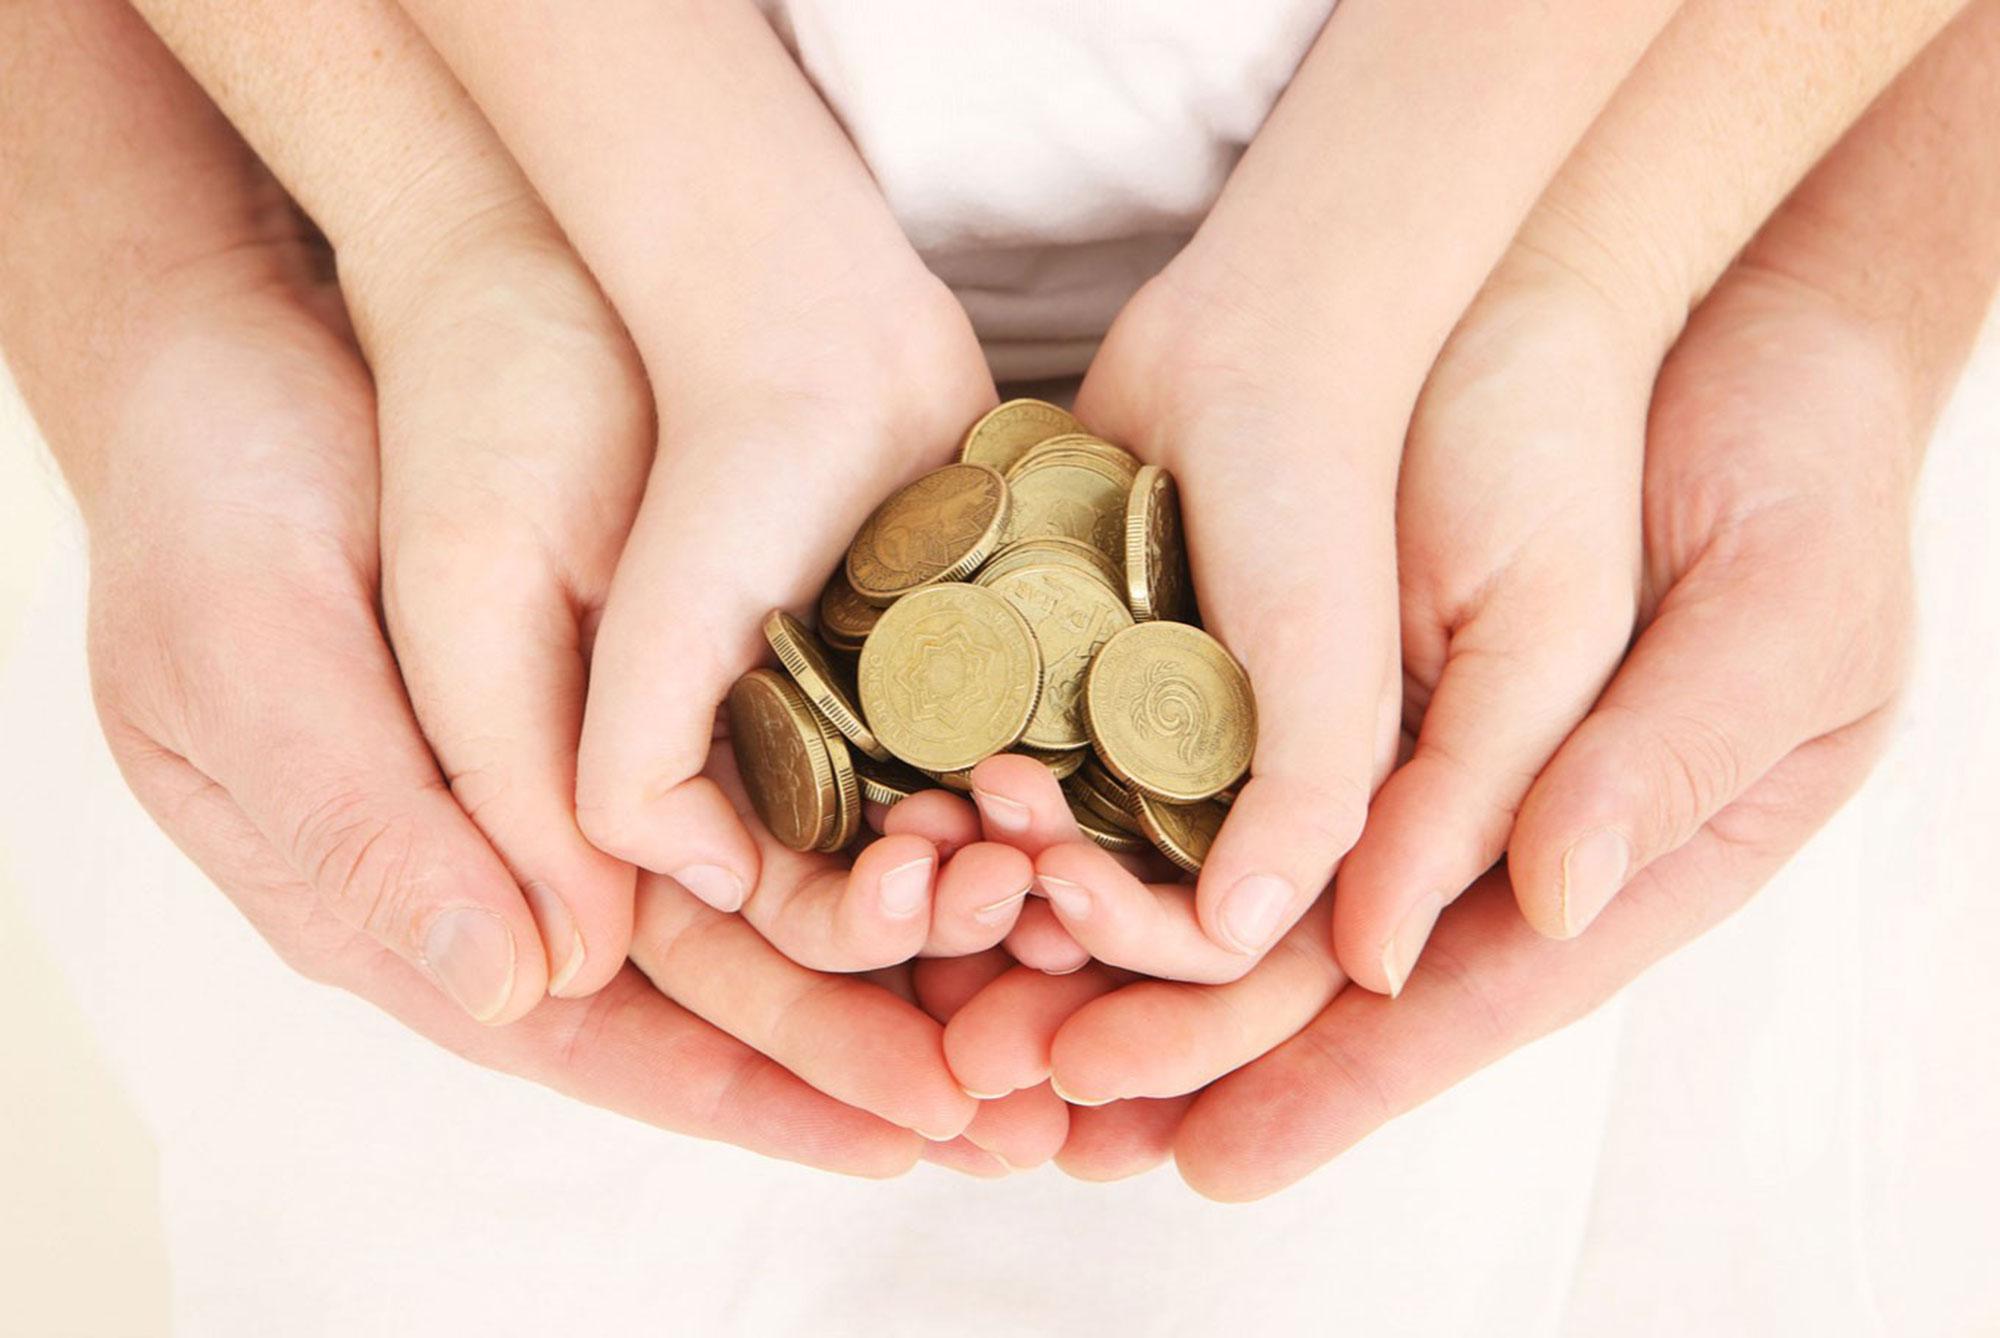 Вопрос о том, у кого будут деньги в семье, лучше решить до свадьбы.